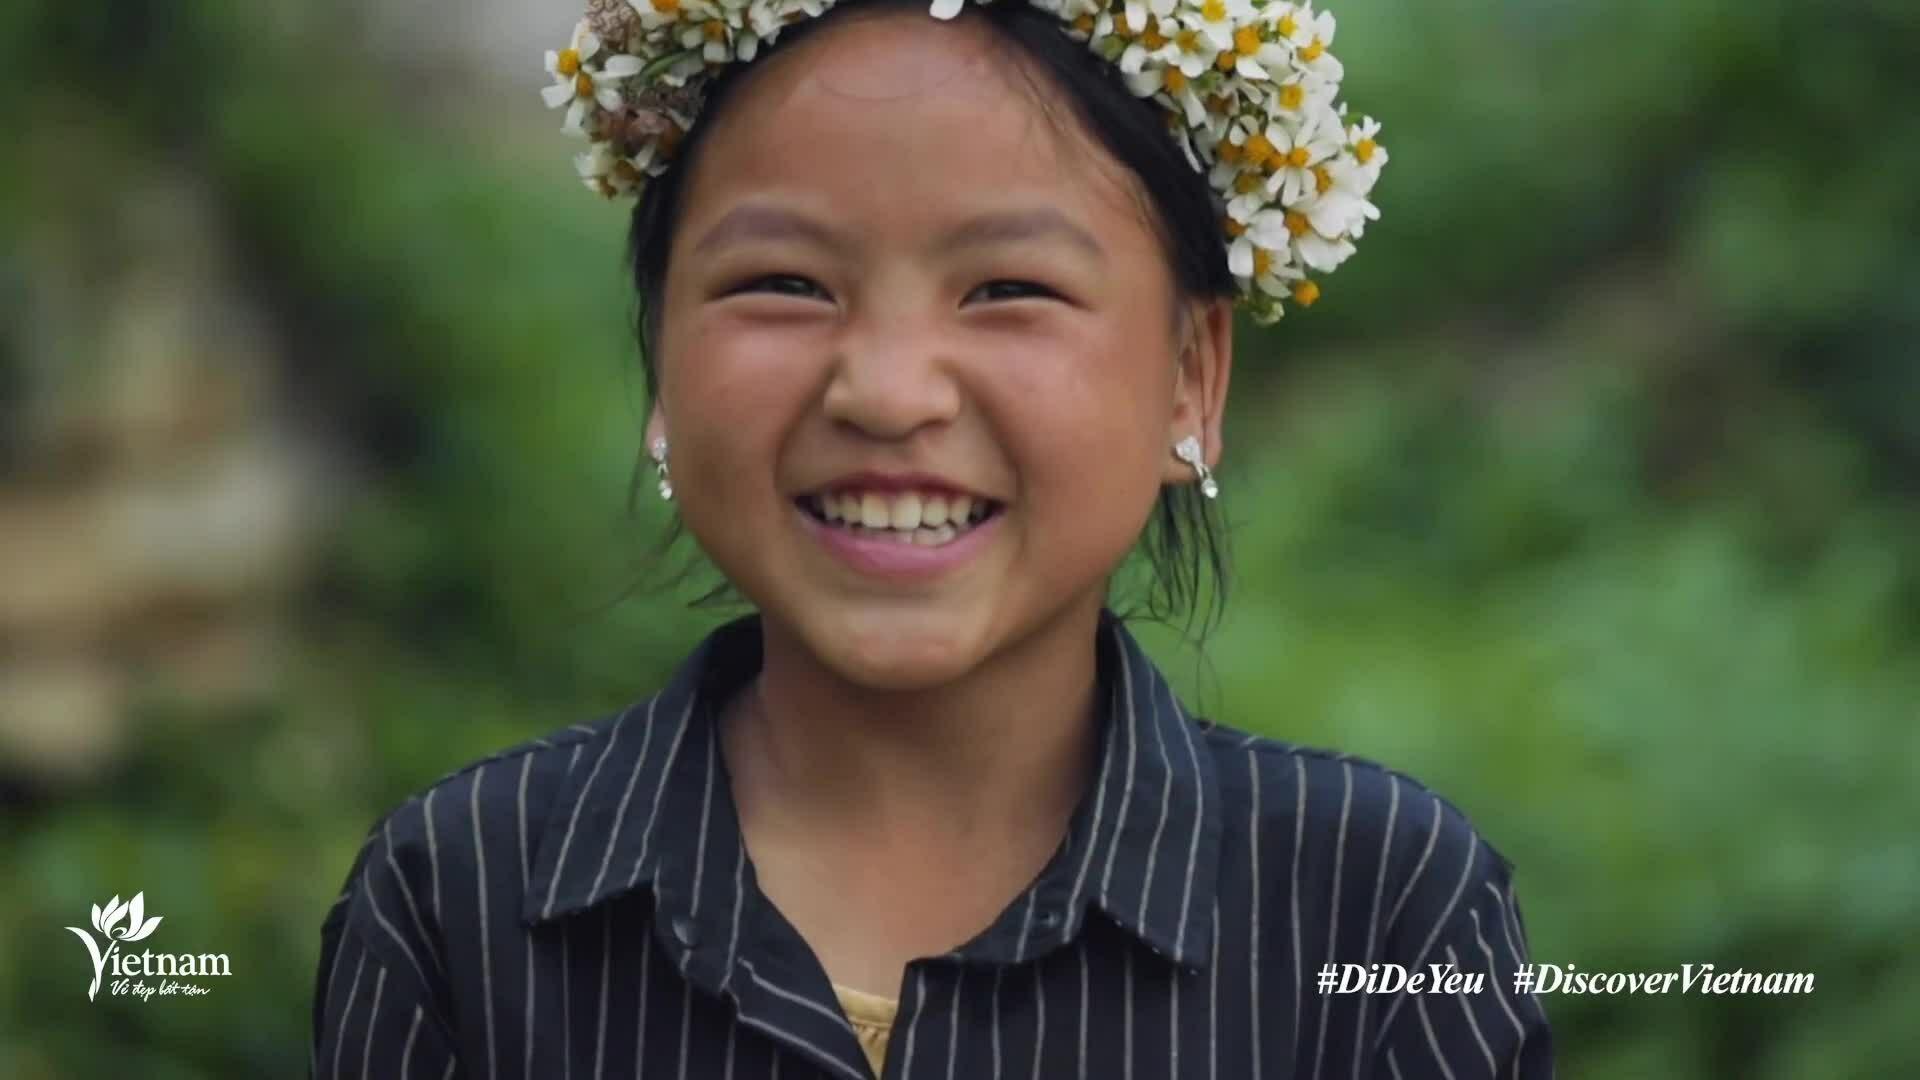 Du lịch Việt Nam đẩy mạnh quảng bá qua video